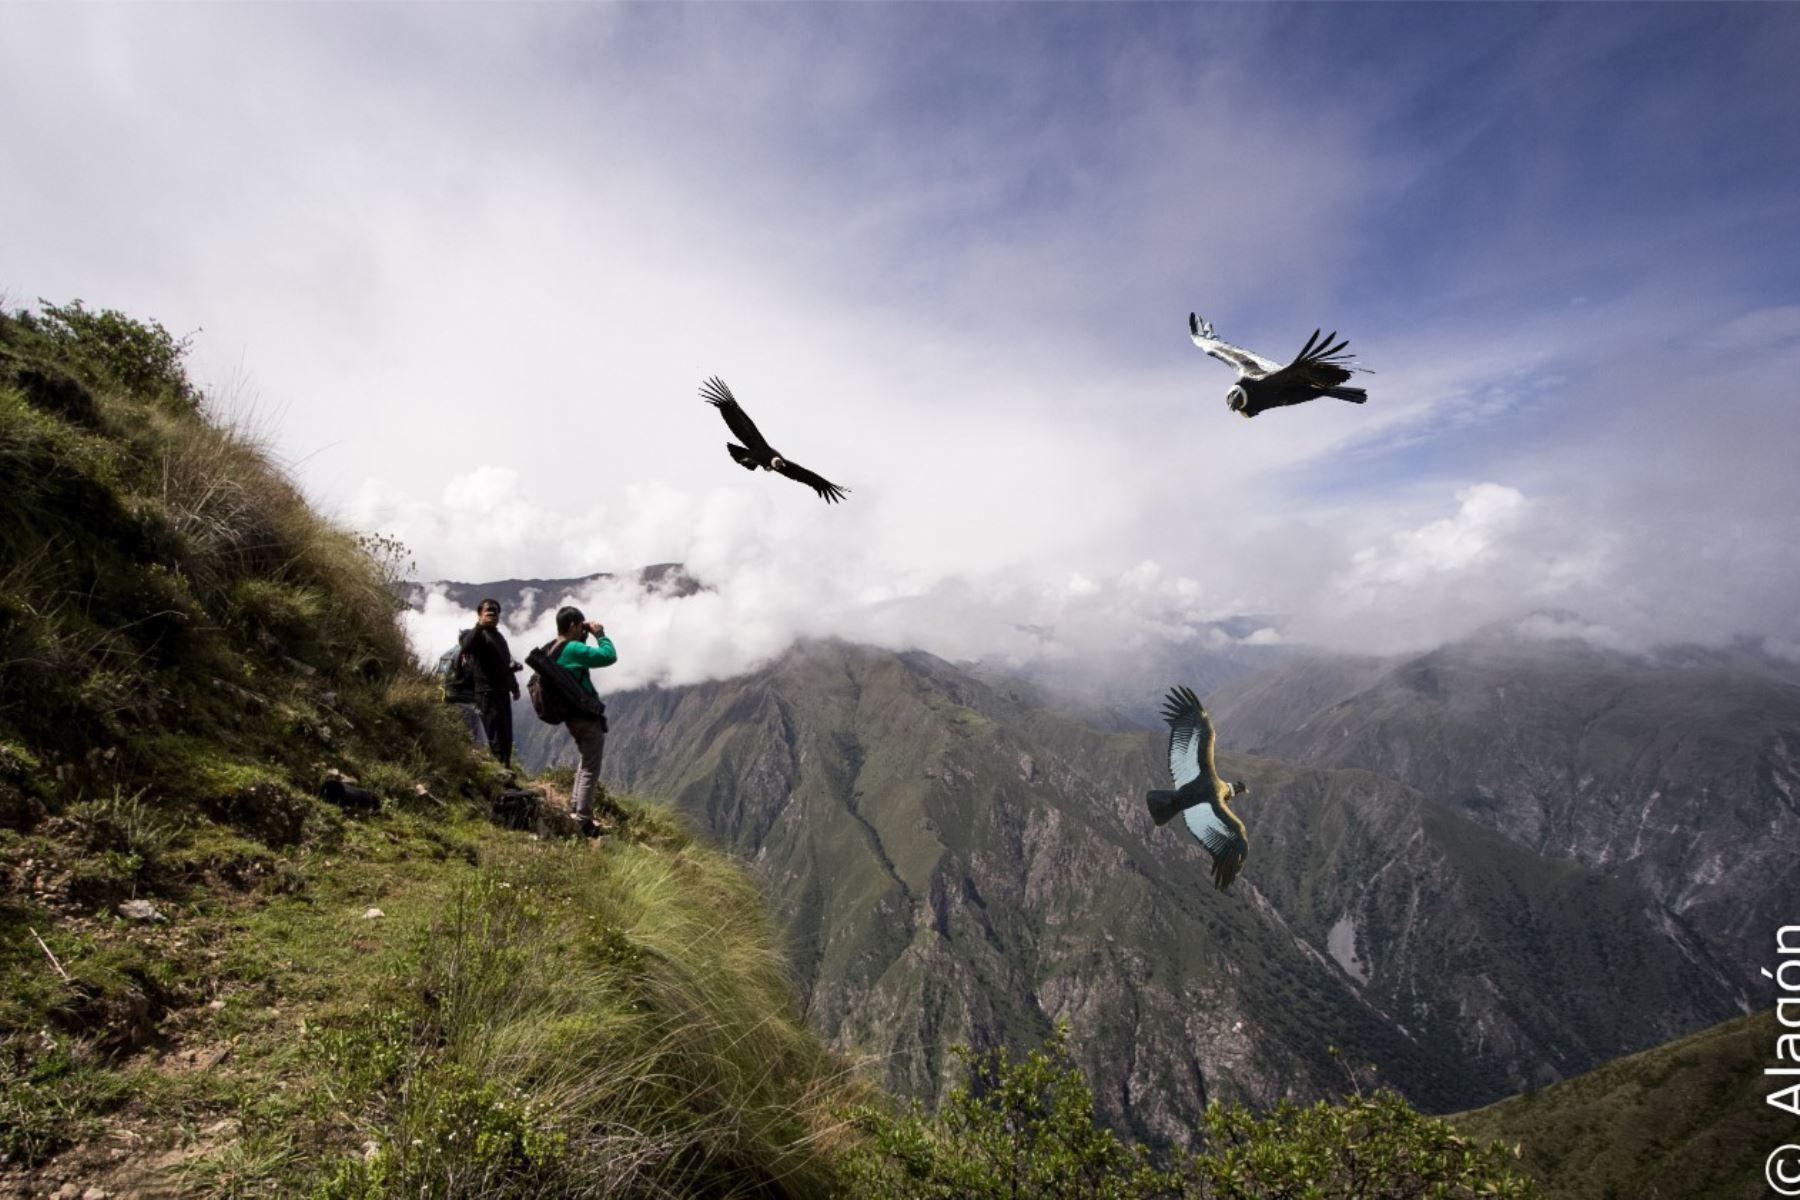 249db31f4d1 Observar el vuelo de un cóndor, el ave rapaz más grande del planeta, es